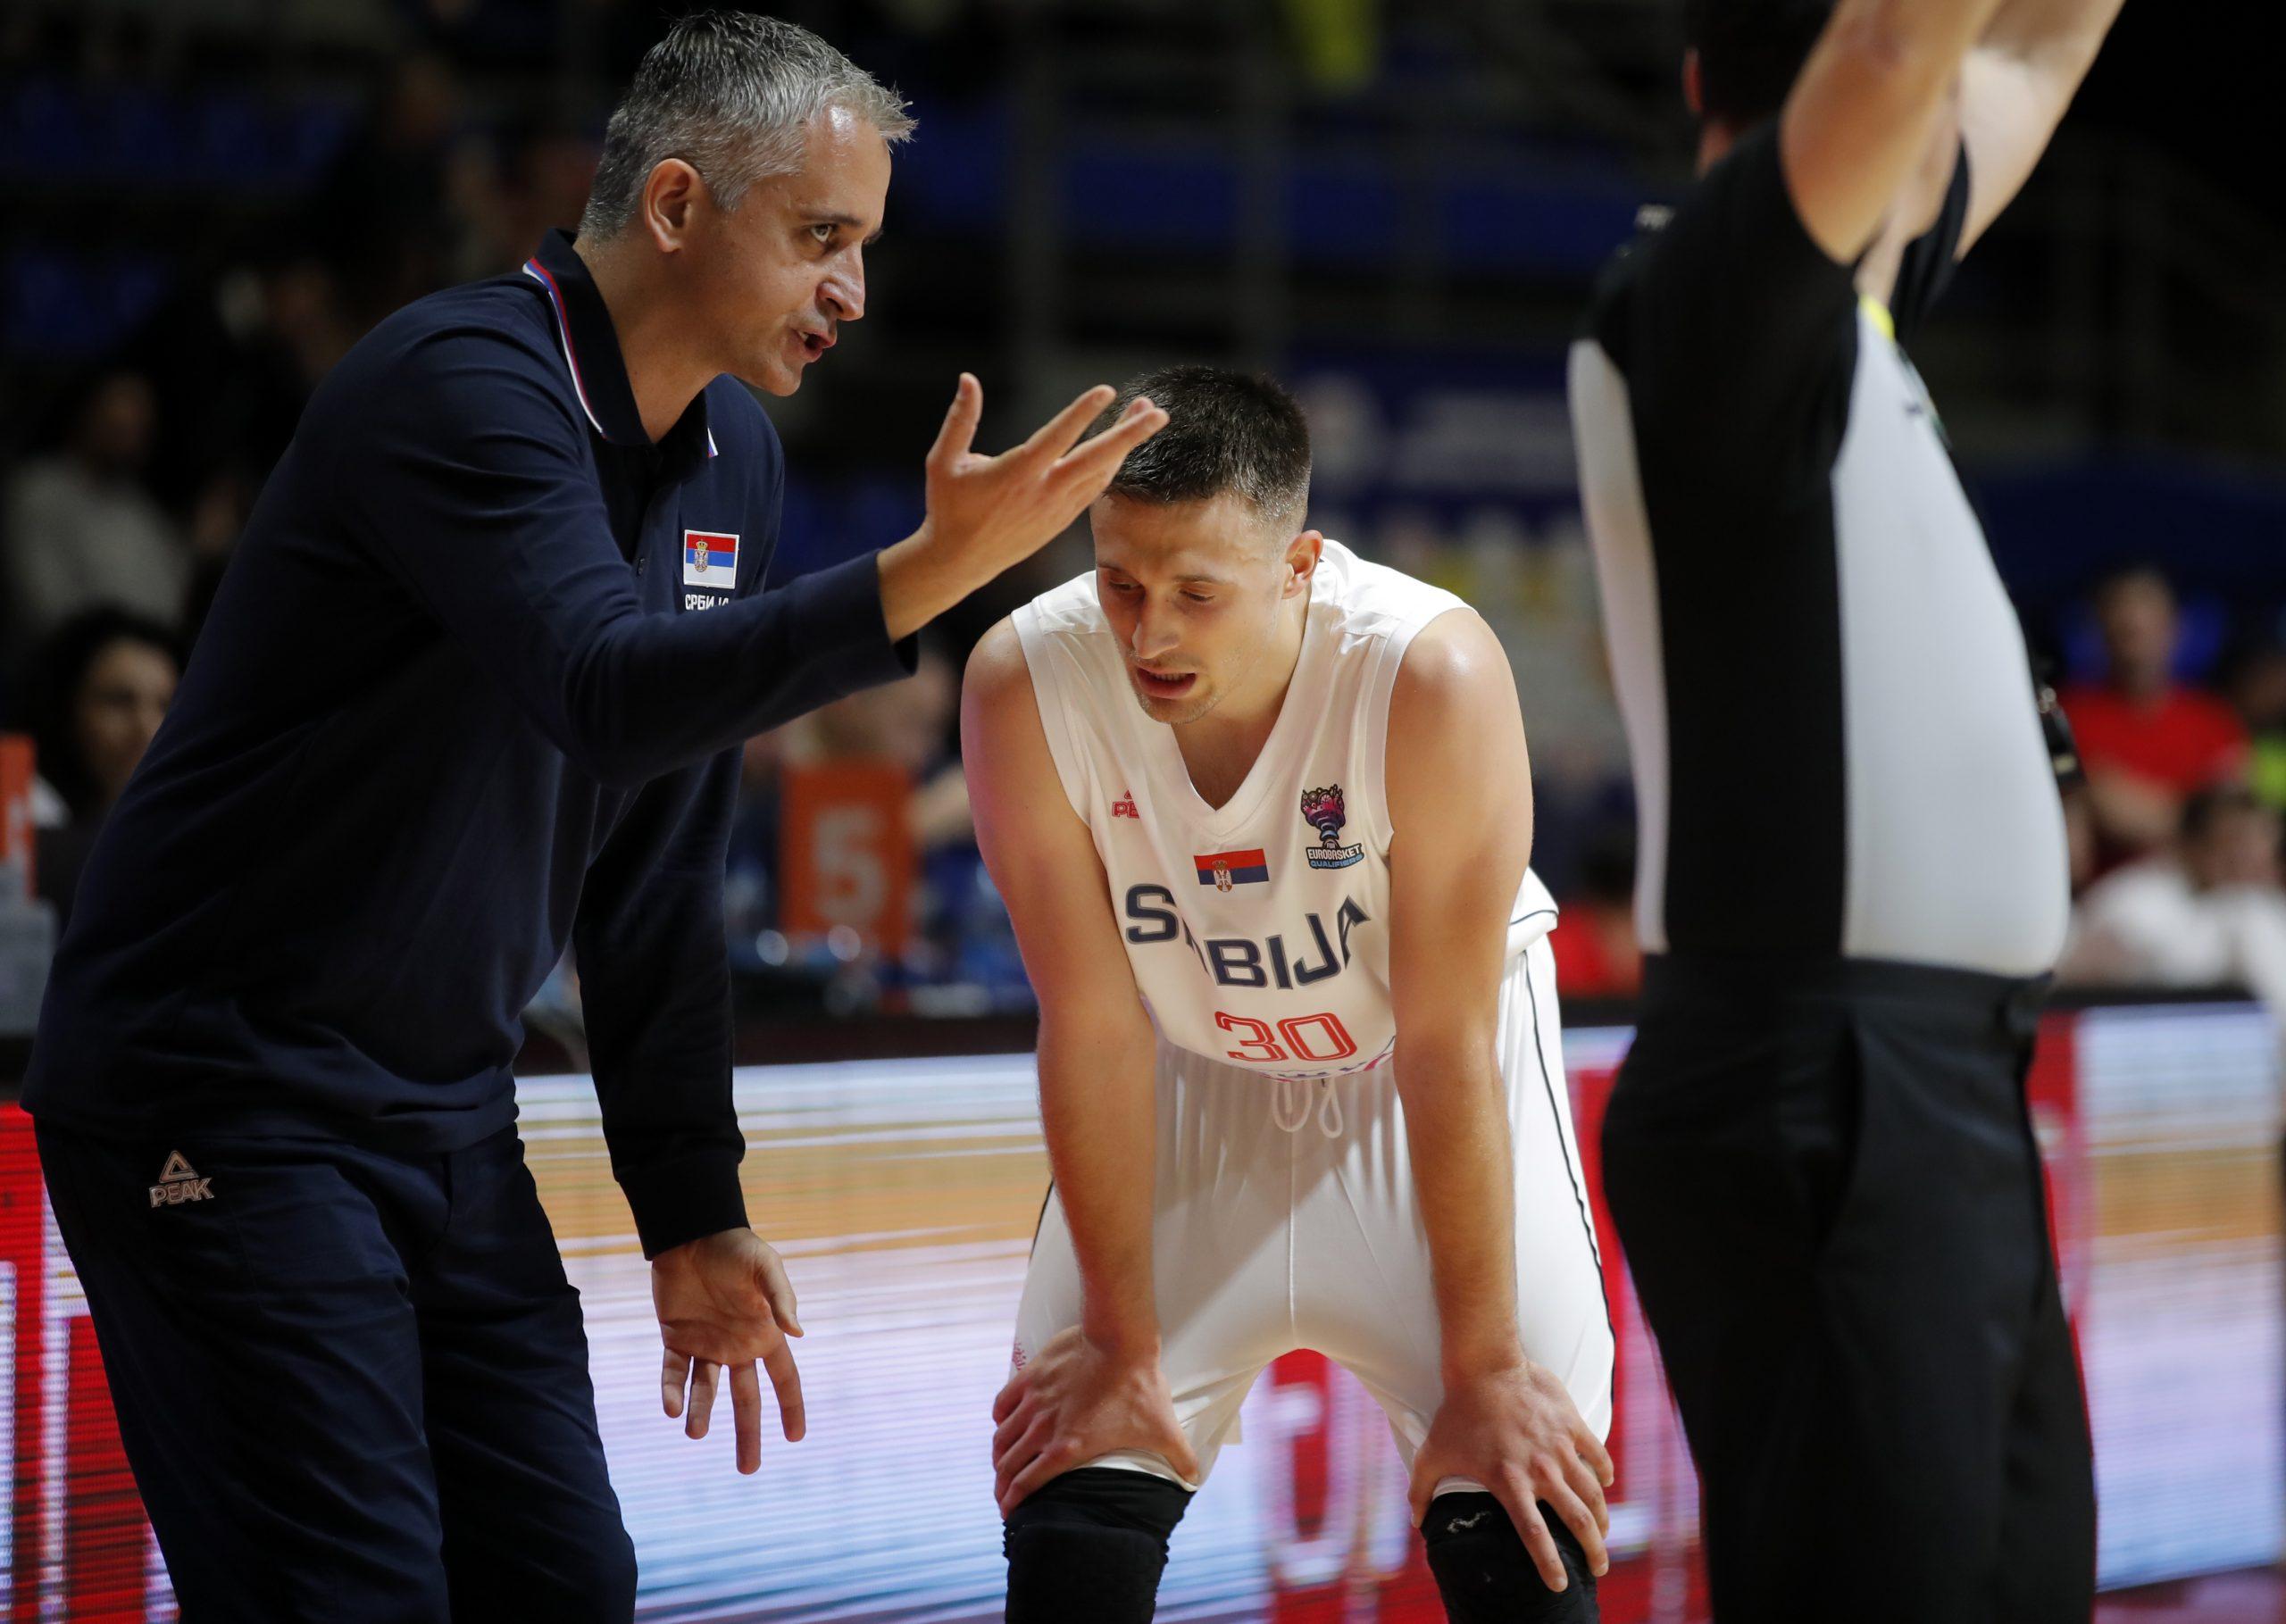 Košarkaška reprezentacija Srbije, Aleksa Avramović i Igor Kokoškov